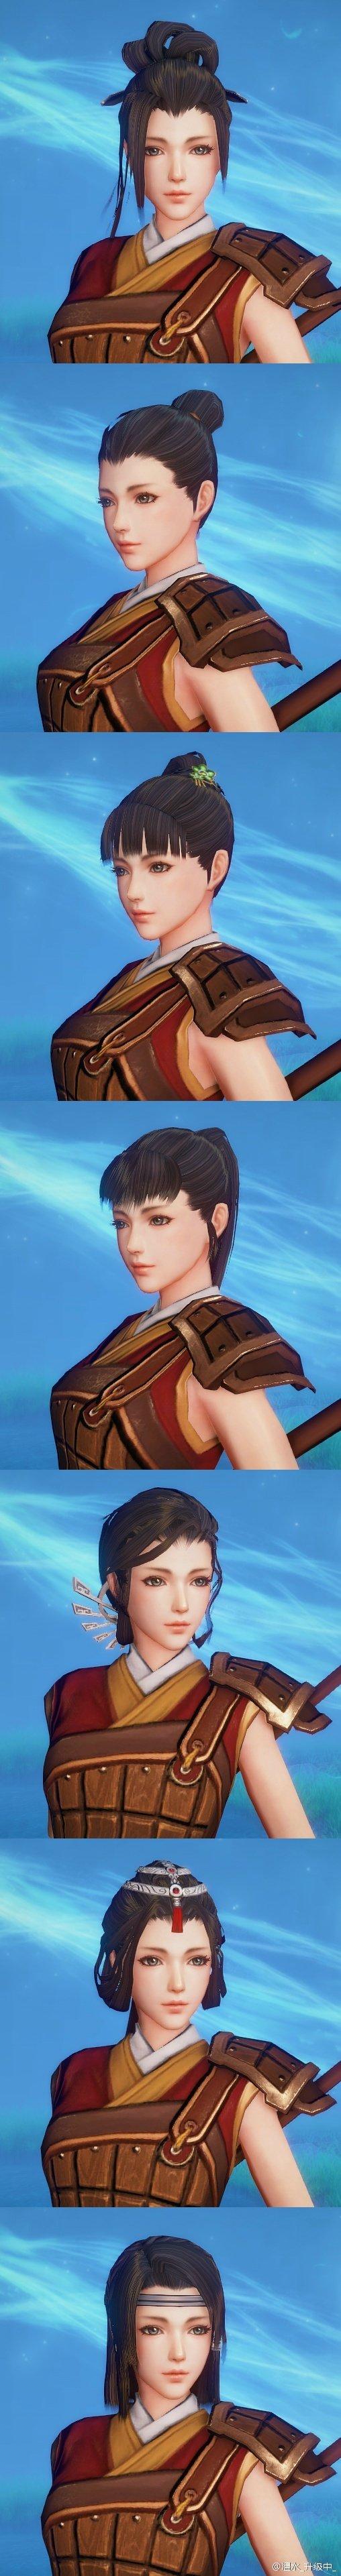 《古剑奇谭OL》首测女性角色脸型及发型展示